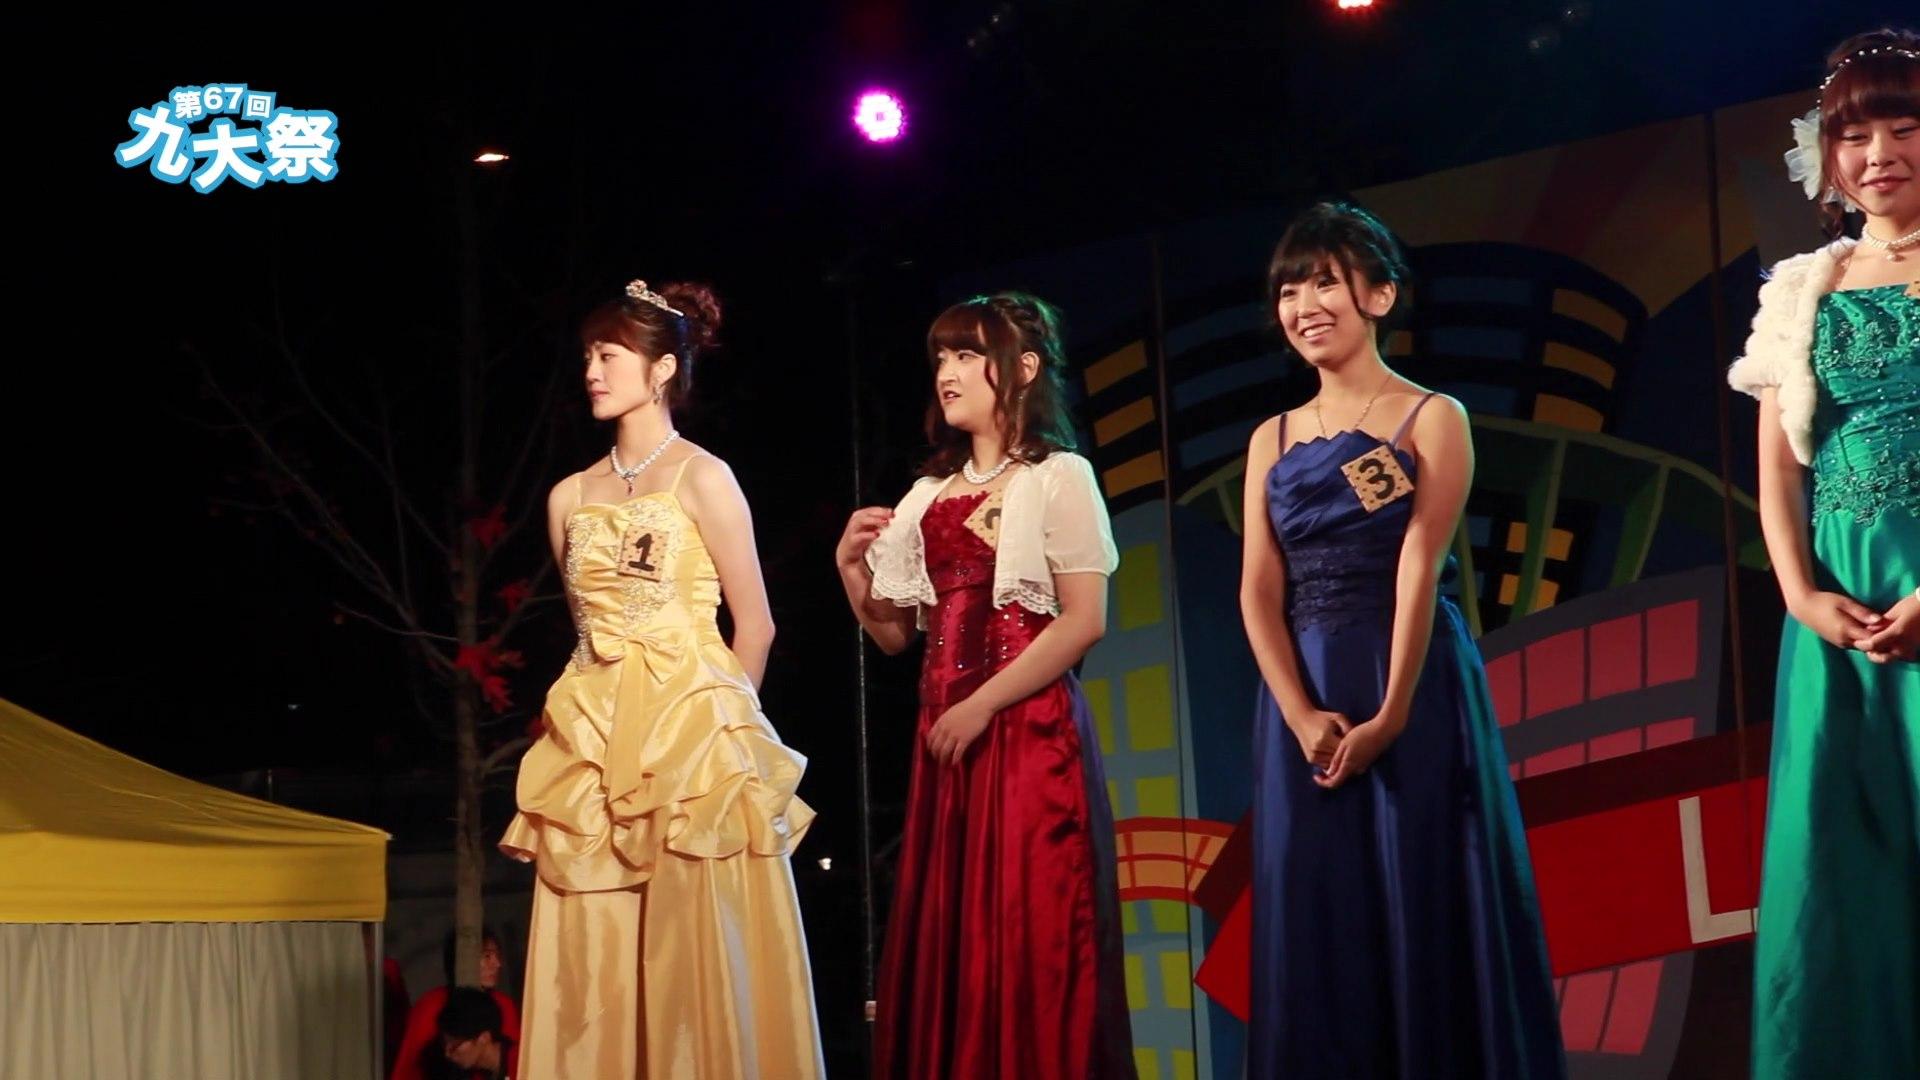 第67回 九州大学学祭.mov_000583860